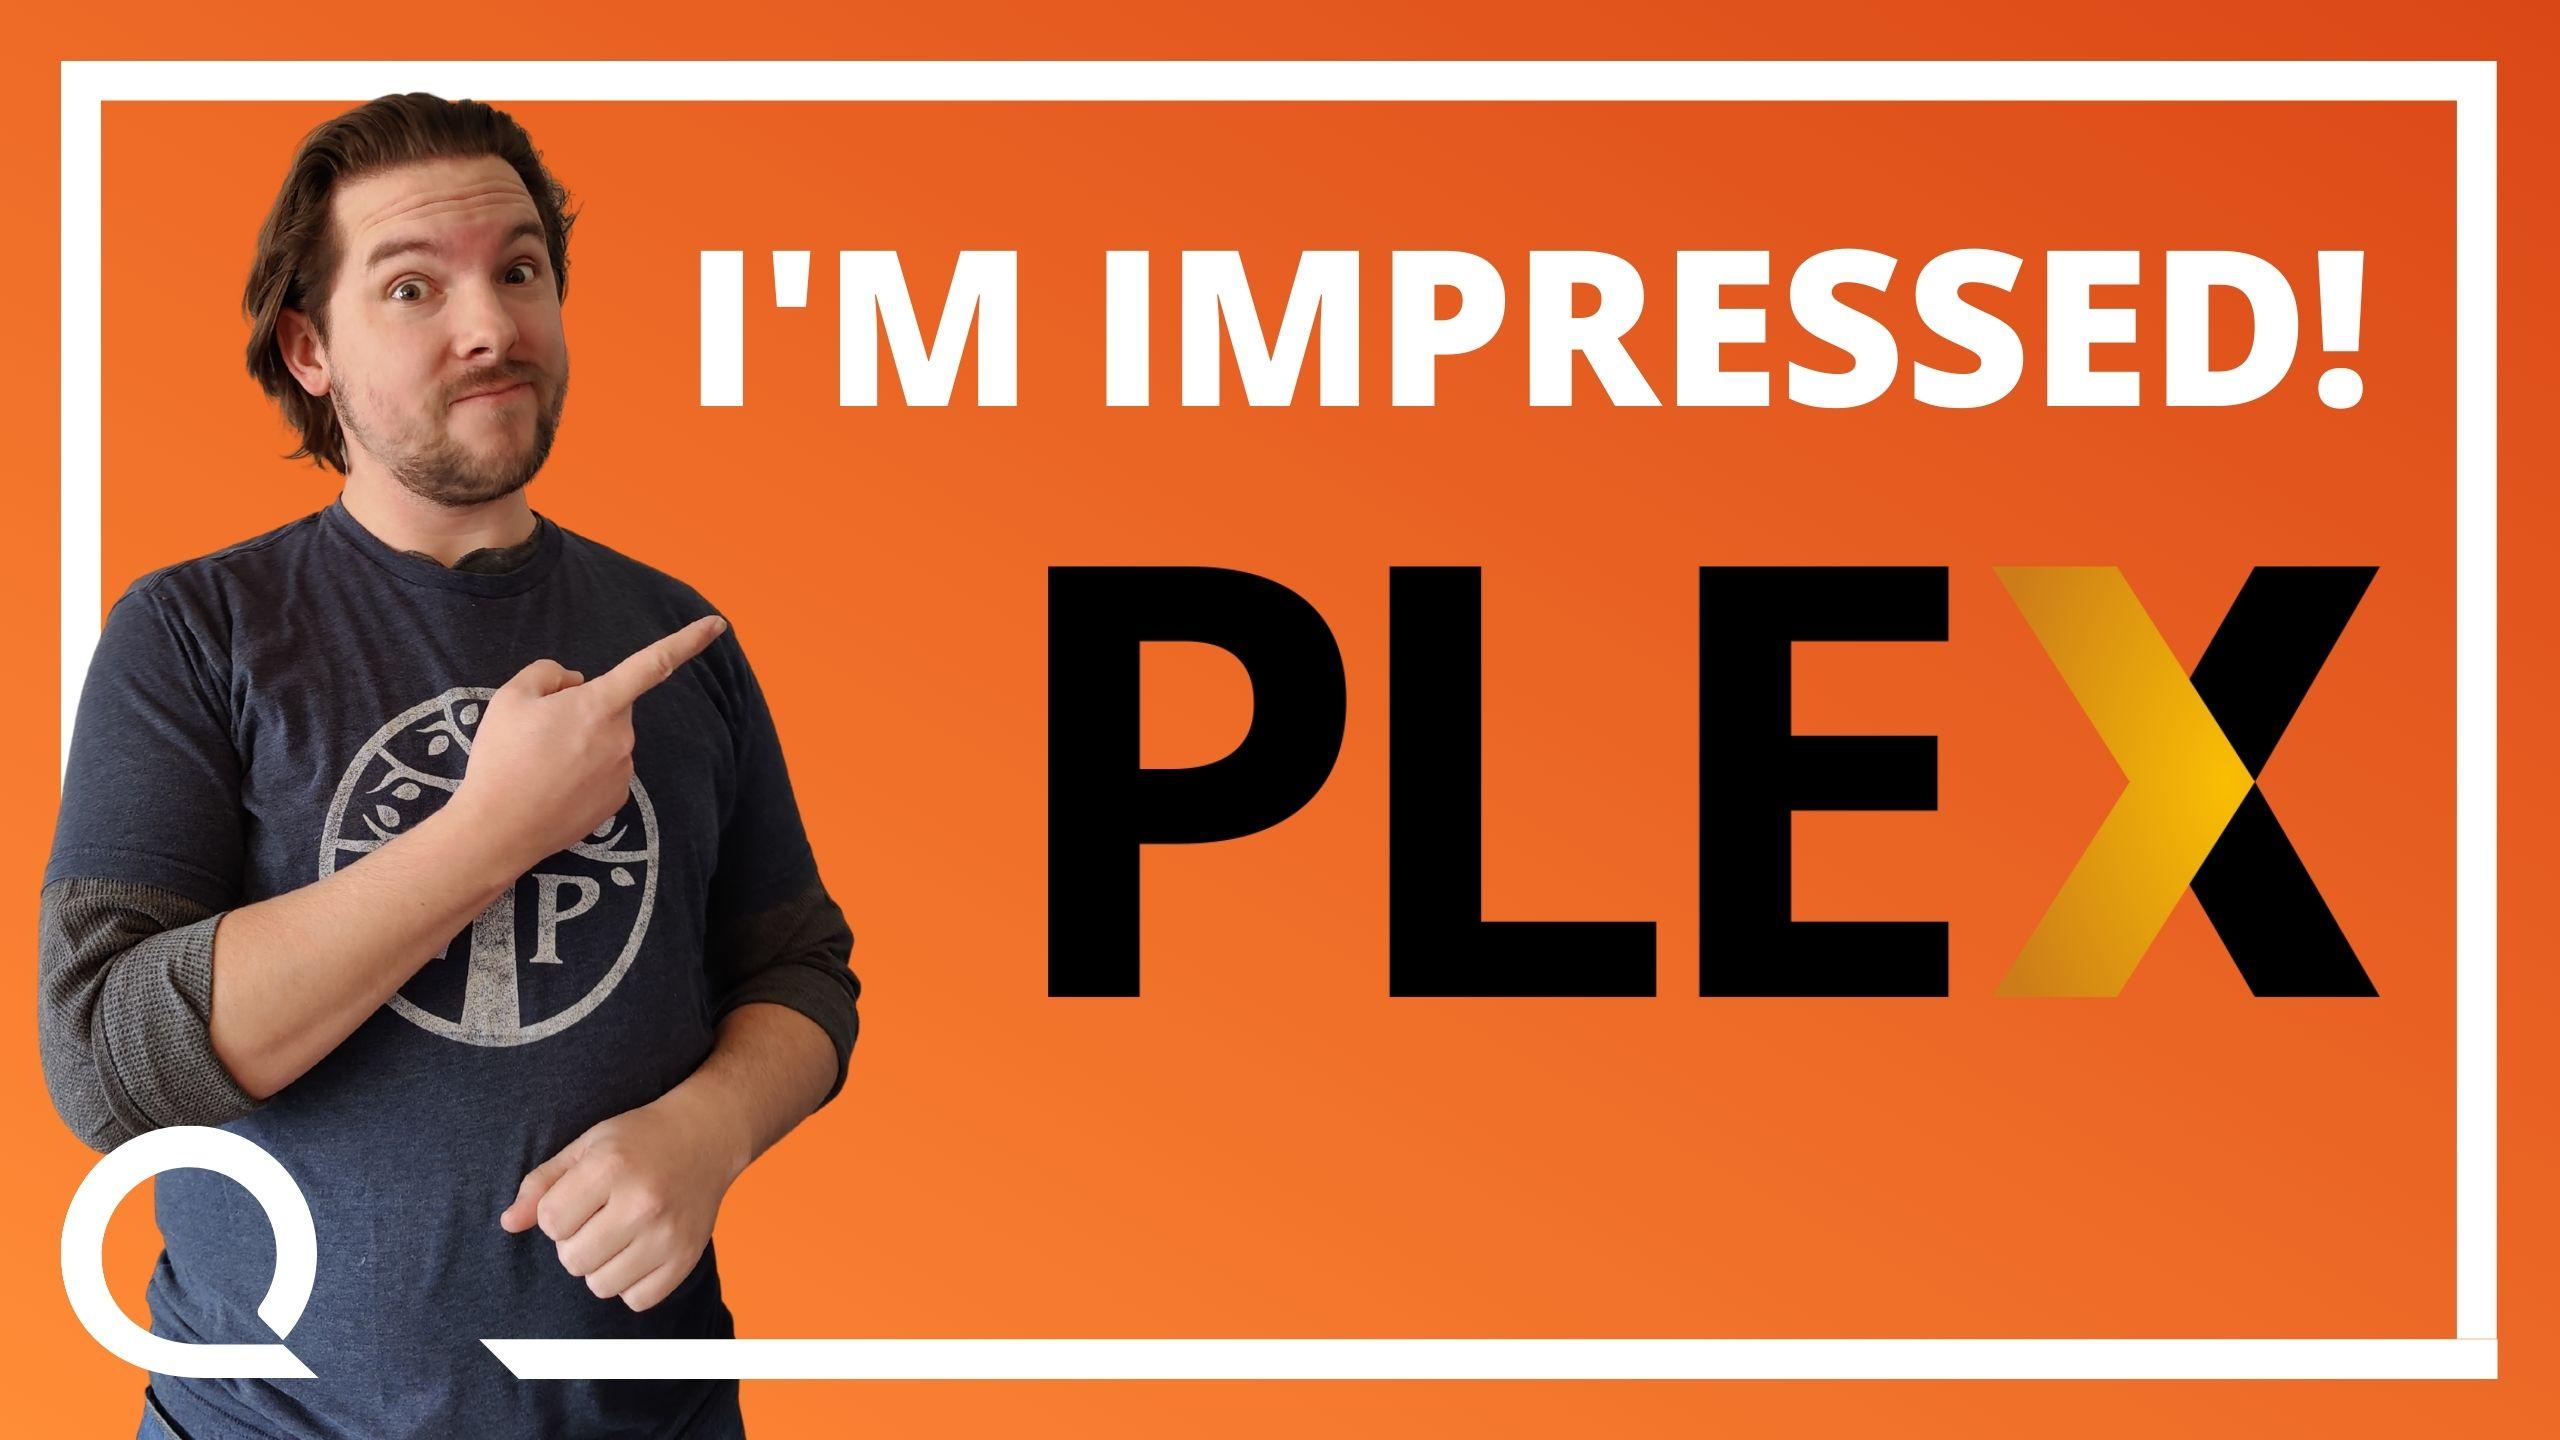 """A man pointing at text """"I'm impressed! PLEX"""""""